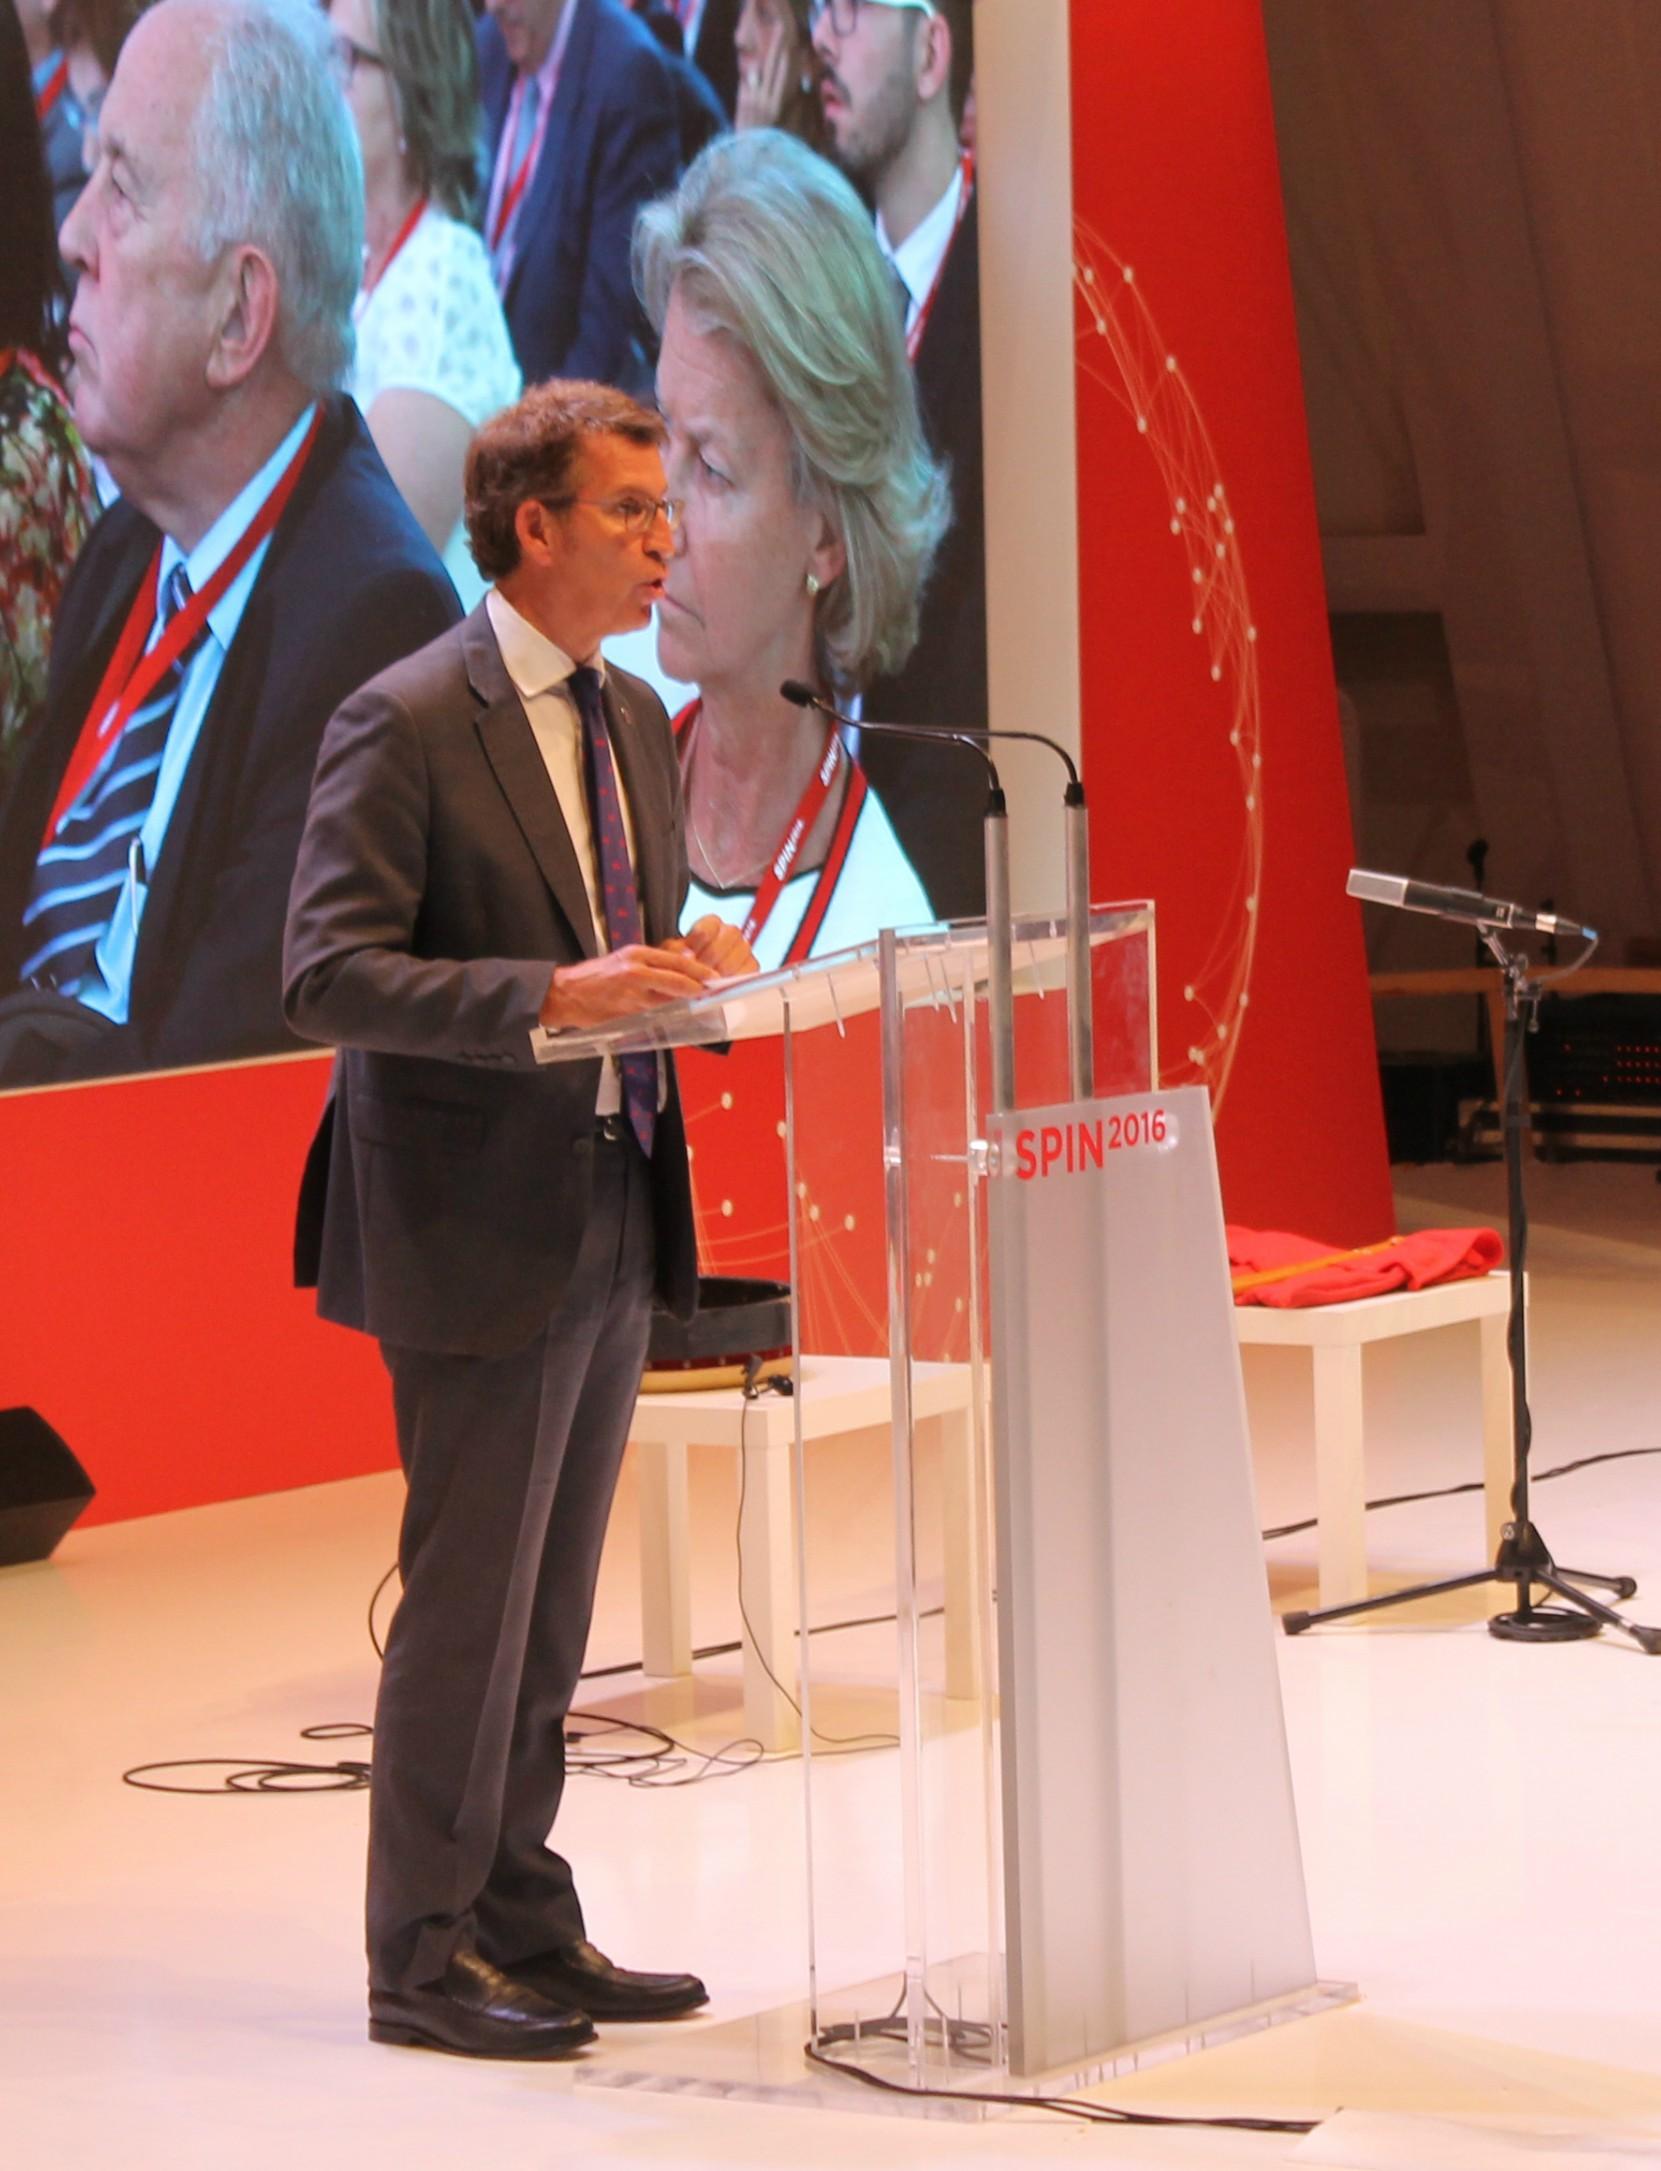 O presidente da Xunta de Galicia, Alberto Núñez Feijóo, durante a súa intervención na inaguración do Spin2016